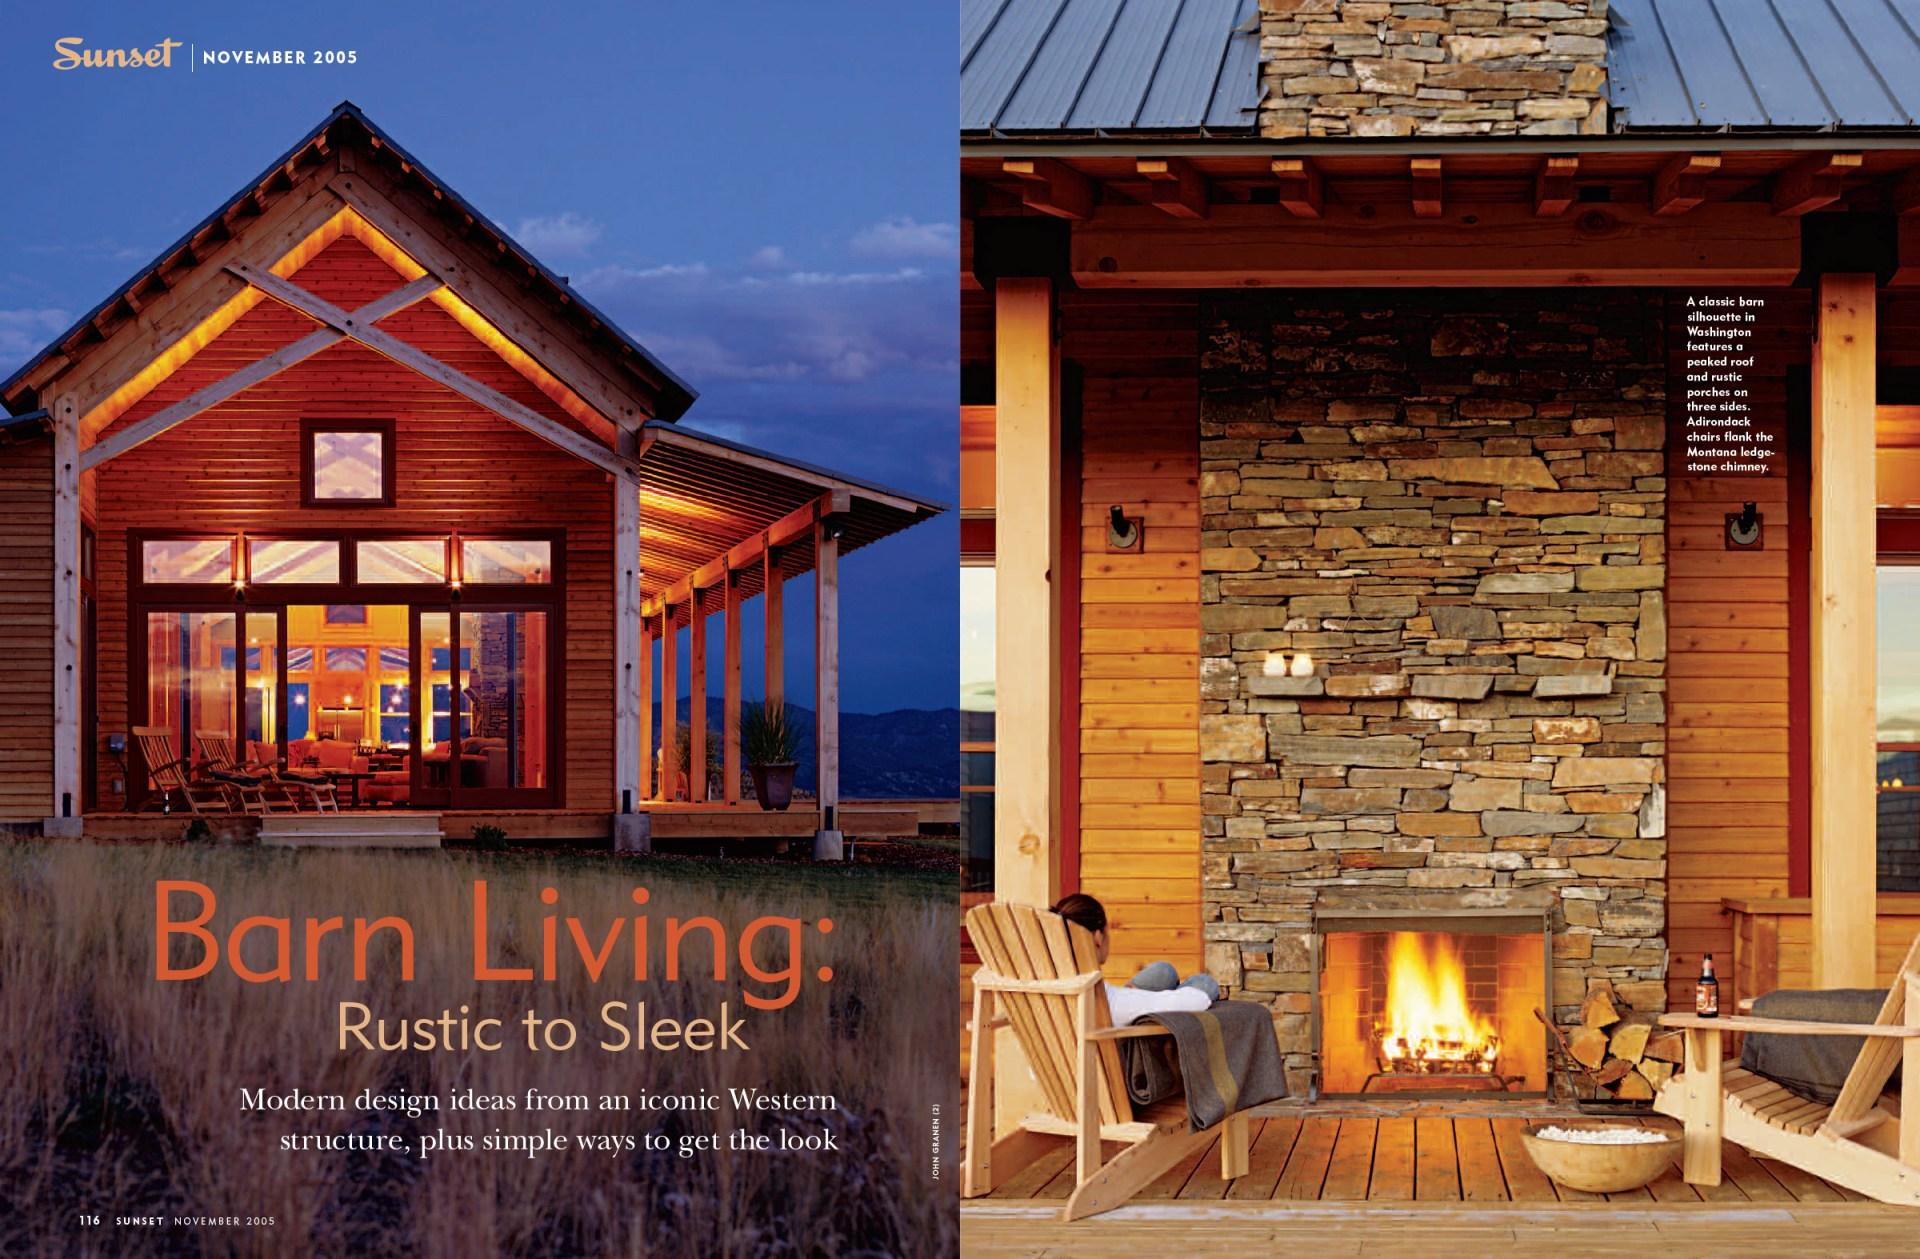 Barn Living spread